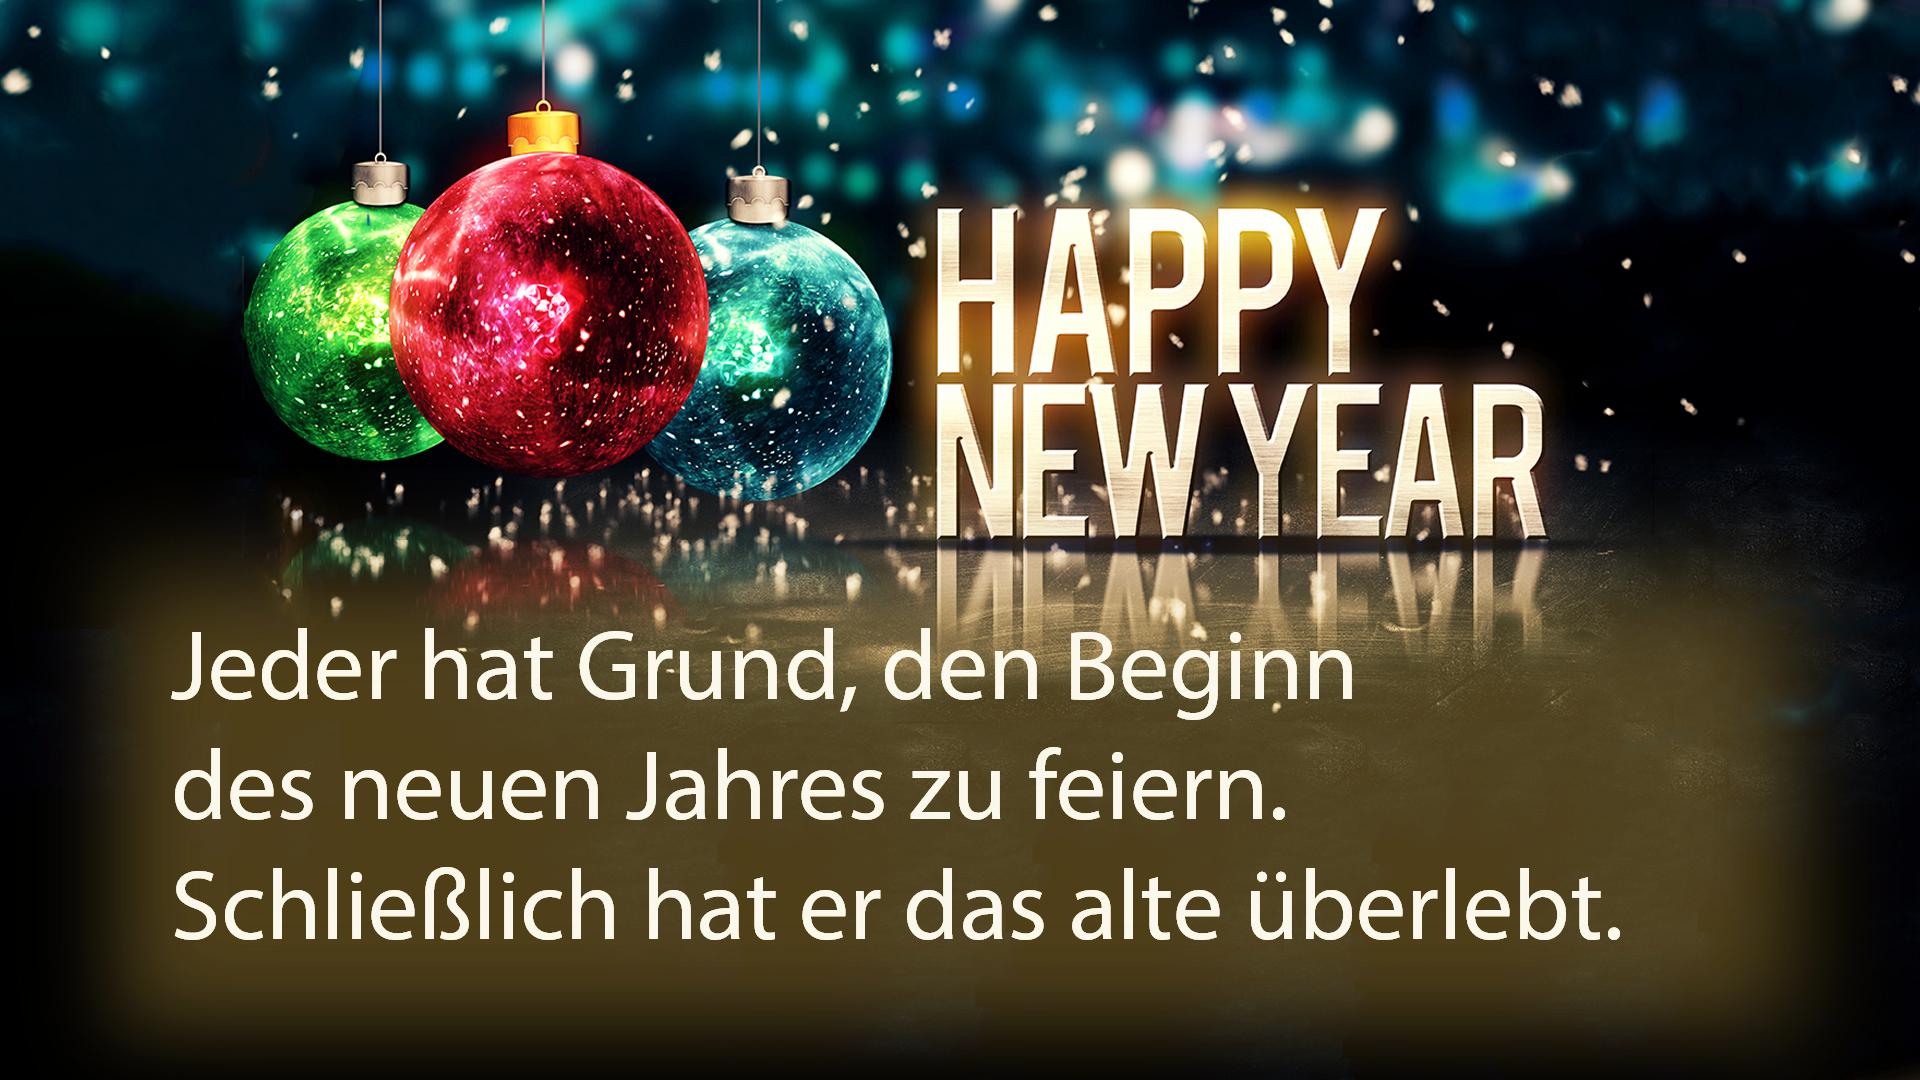 Silvester-Sprüche 2019/20: Die 34 Besten Neujahrswünsche Für über Glückwünsche Zu Silvester Neujahr